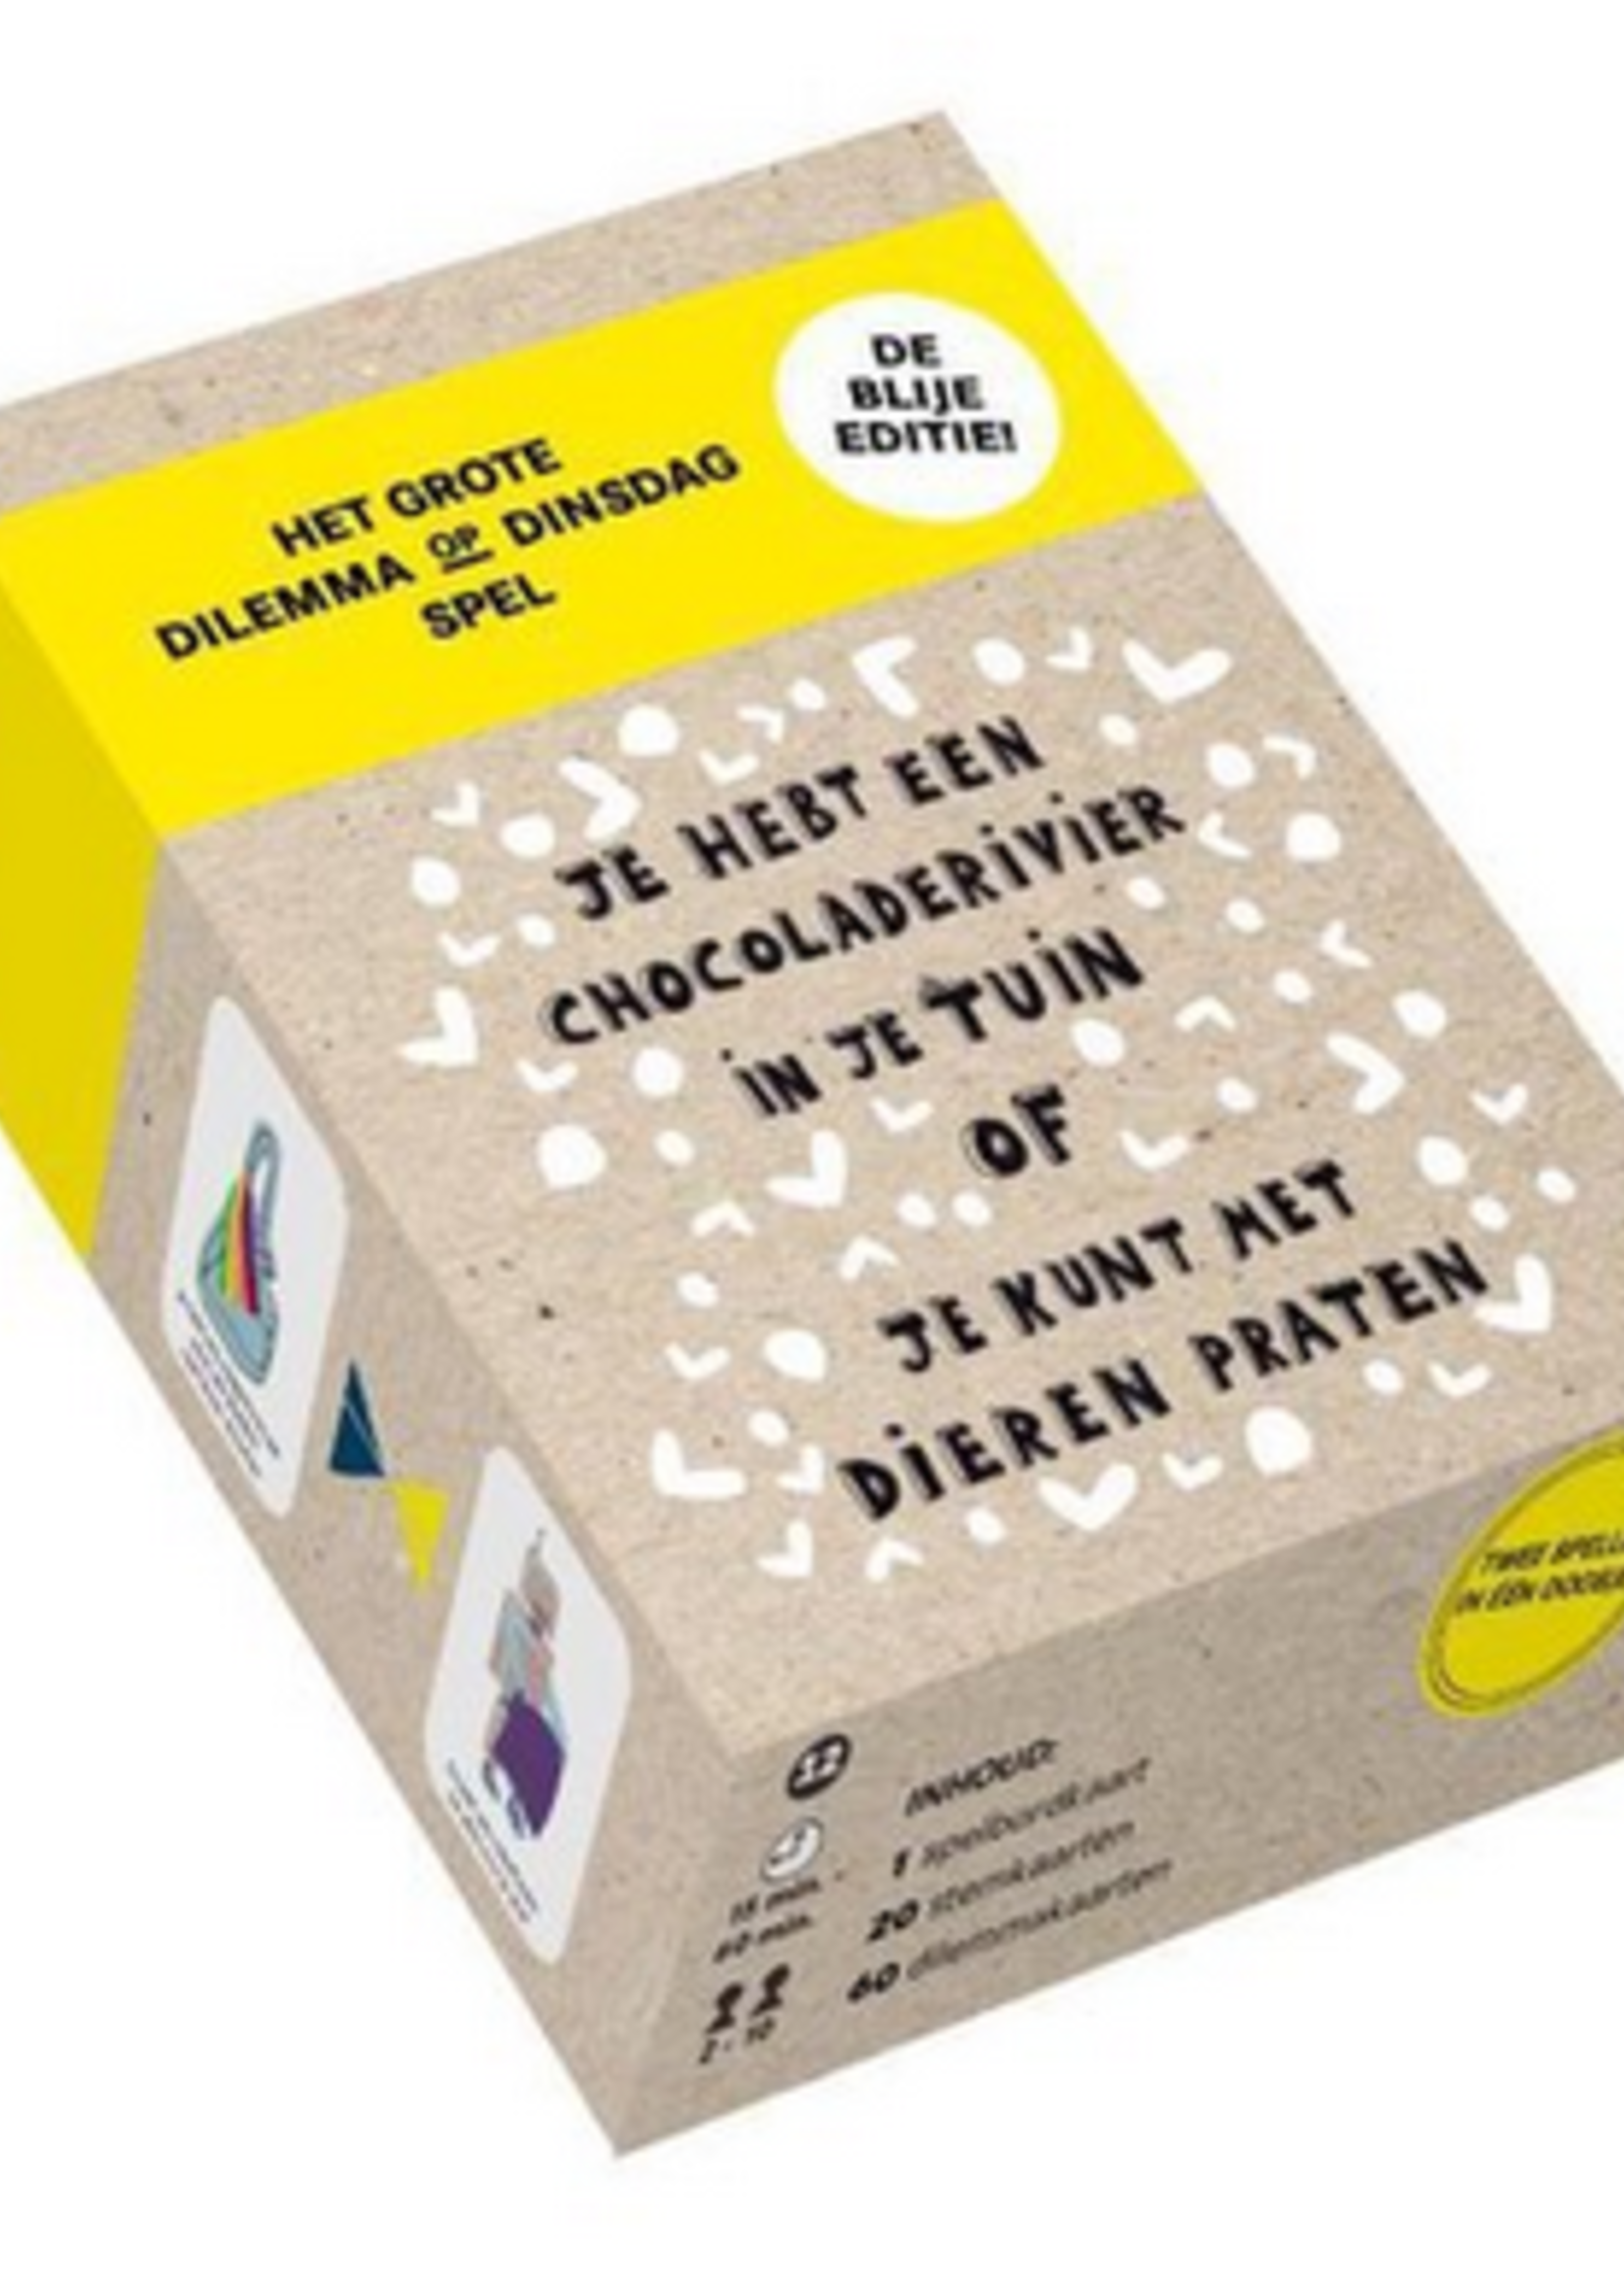 BIS Book Het grote dilemma, blije editie